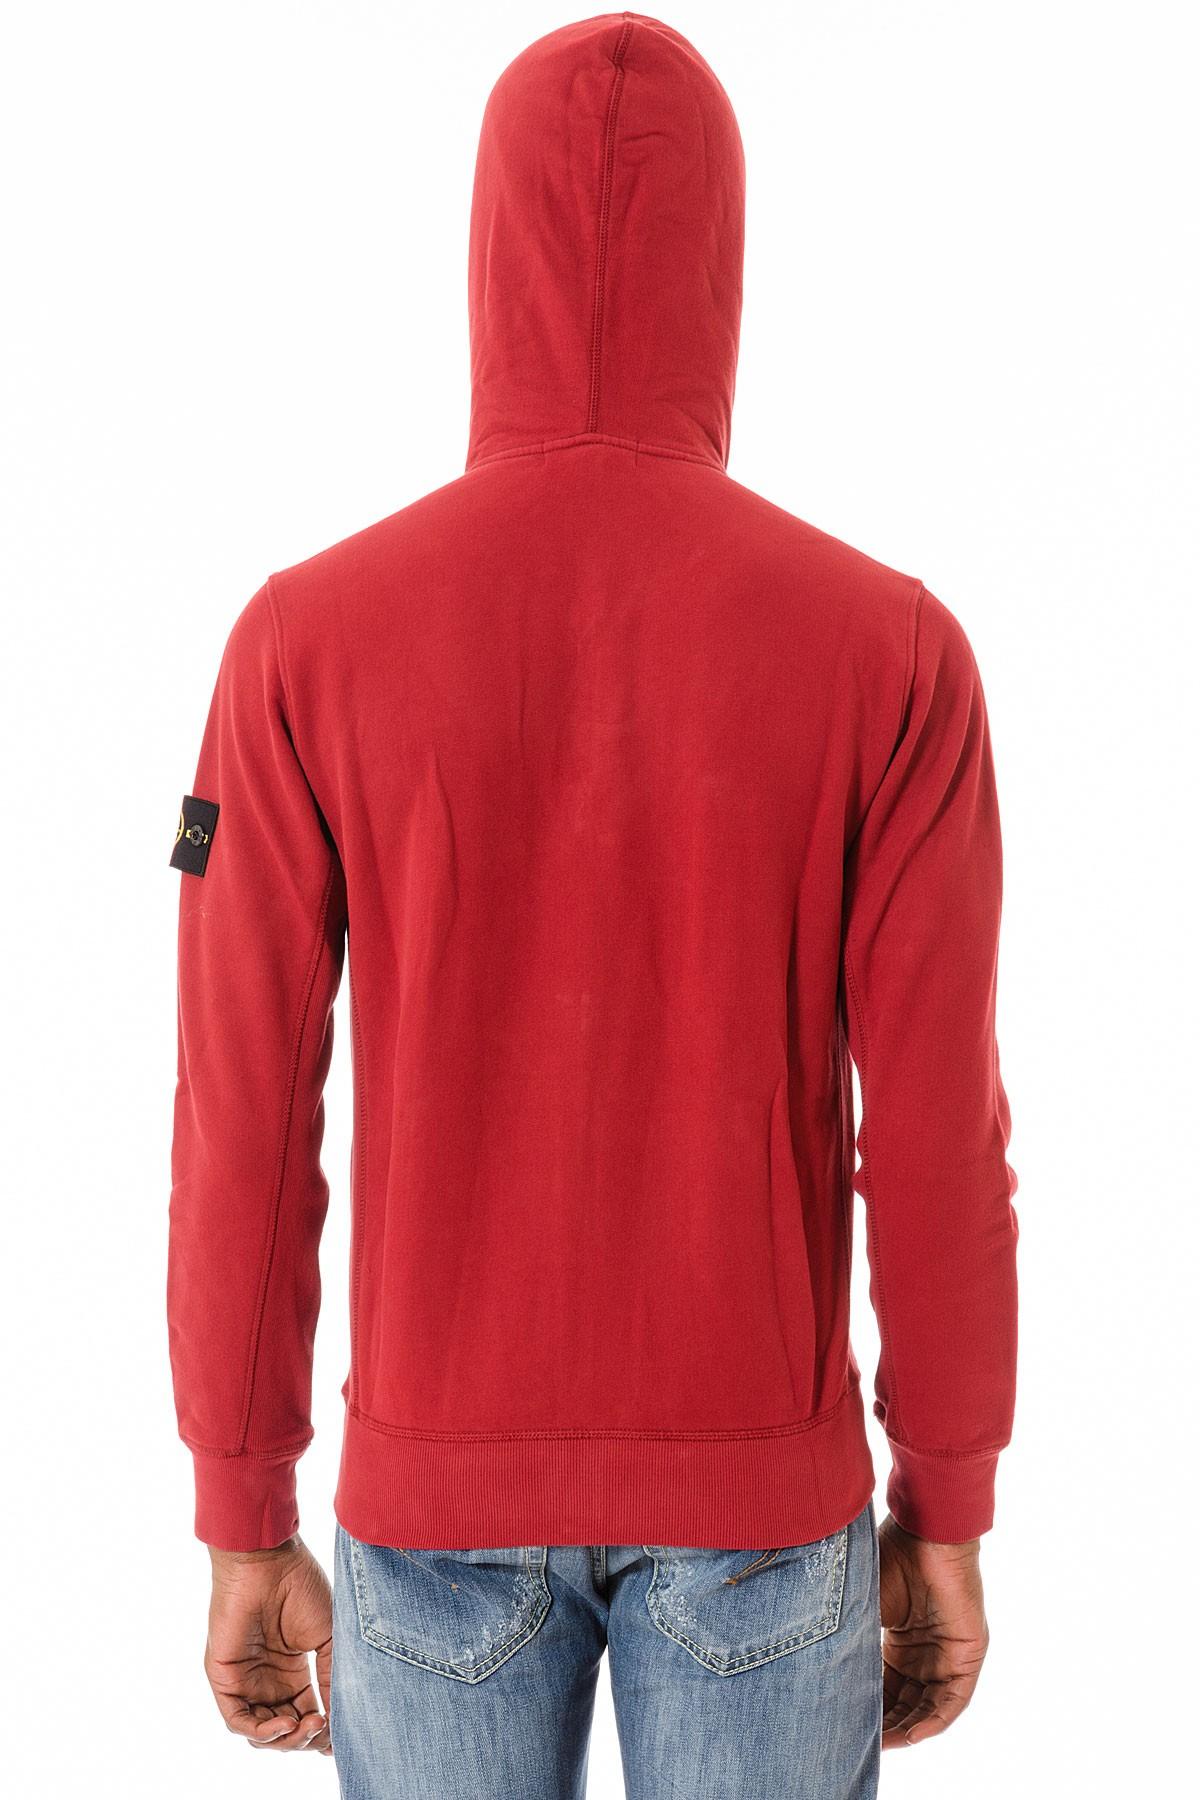 molto carino afa2a eb2fa stone island rosso felpe uomo autunno inverno buy cheap a1aa8656 ...